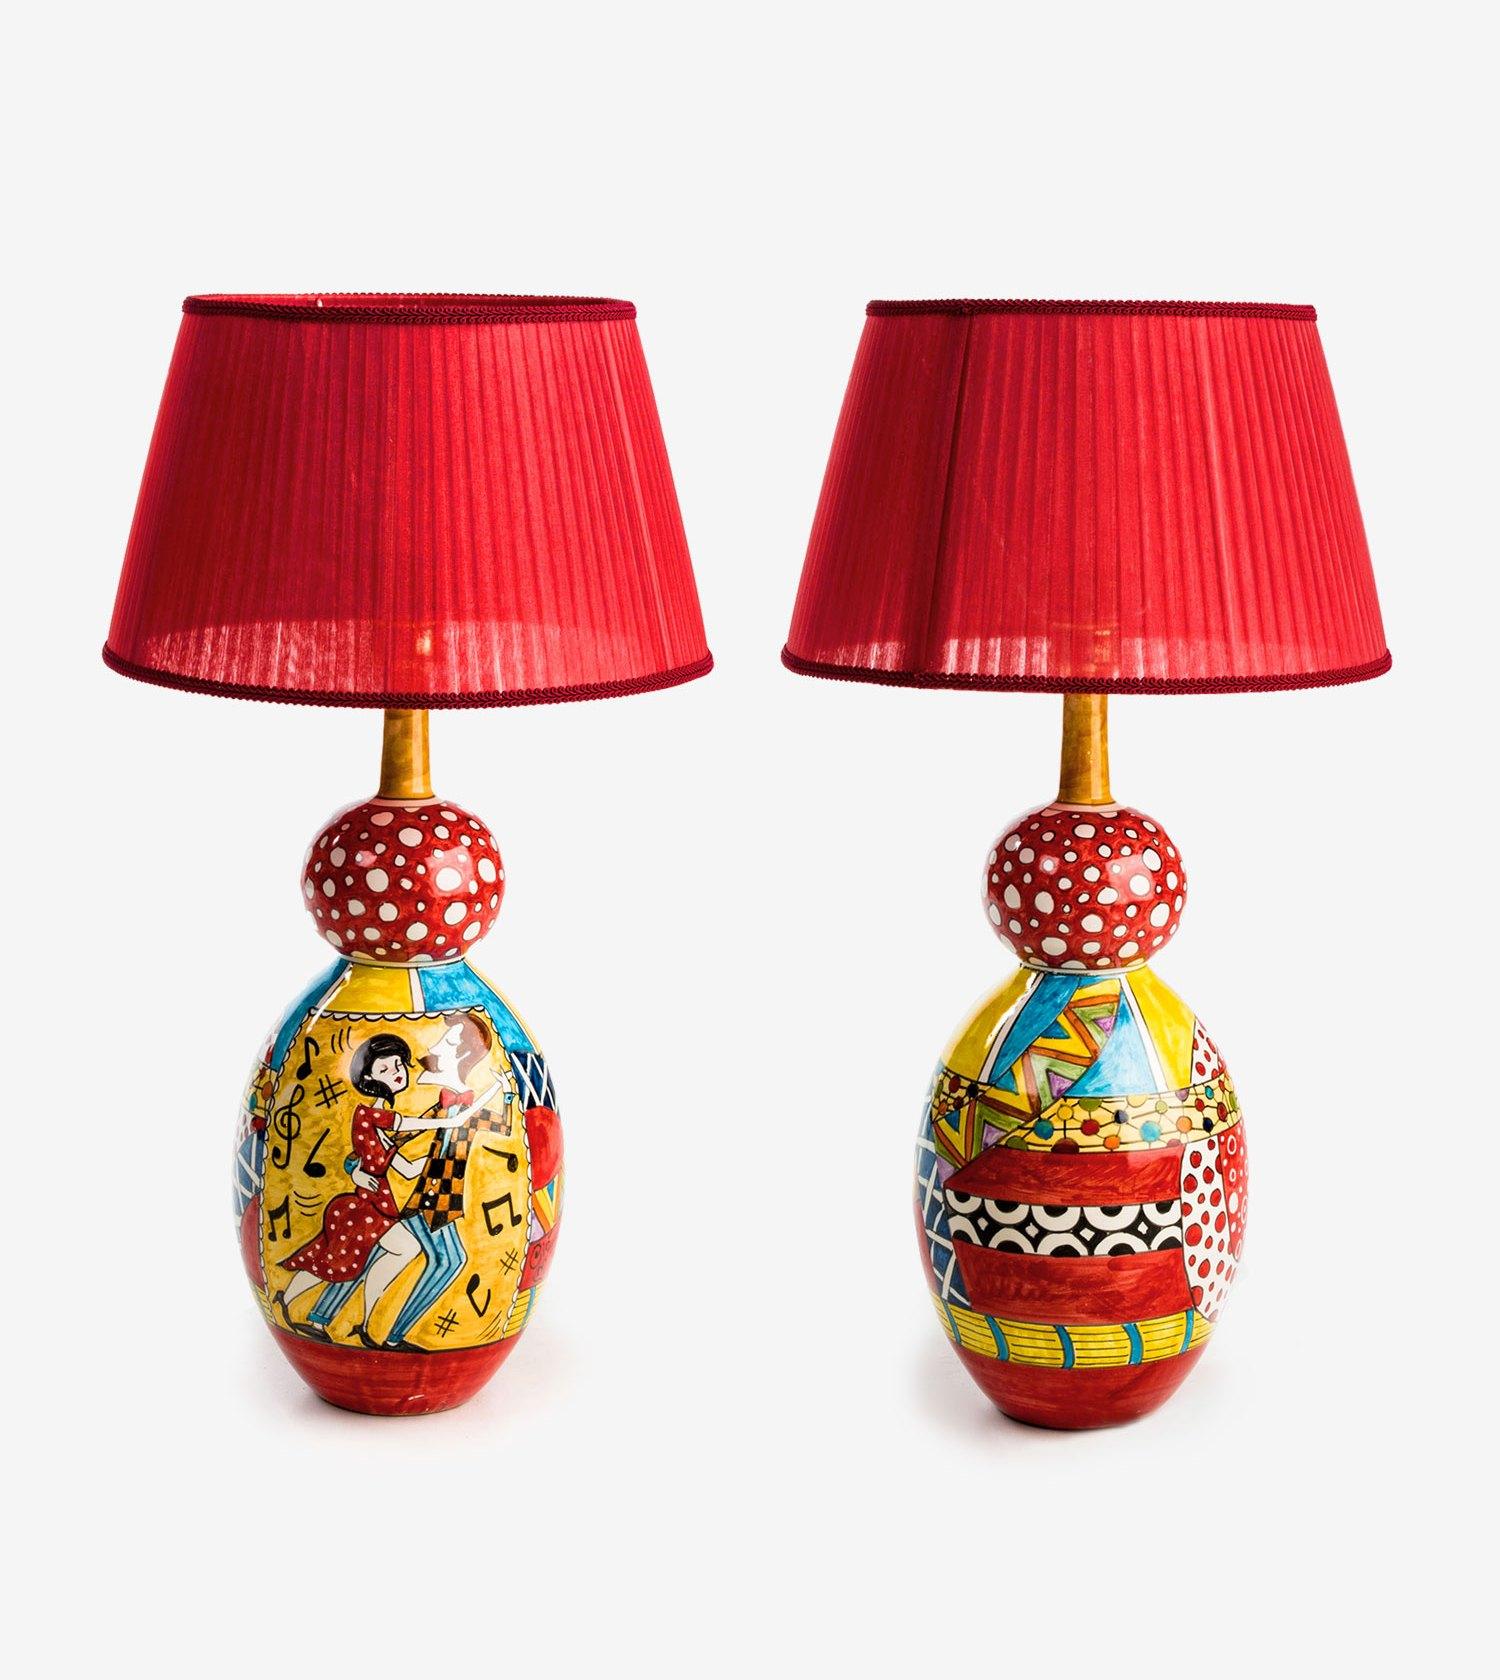 Lampade In Ceramica Di Vietri.Ceramiche Vietri Avossa Lampada Ballo Appassionato